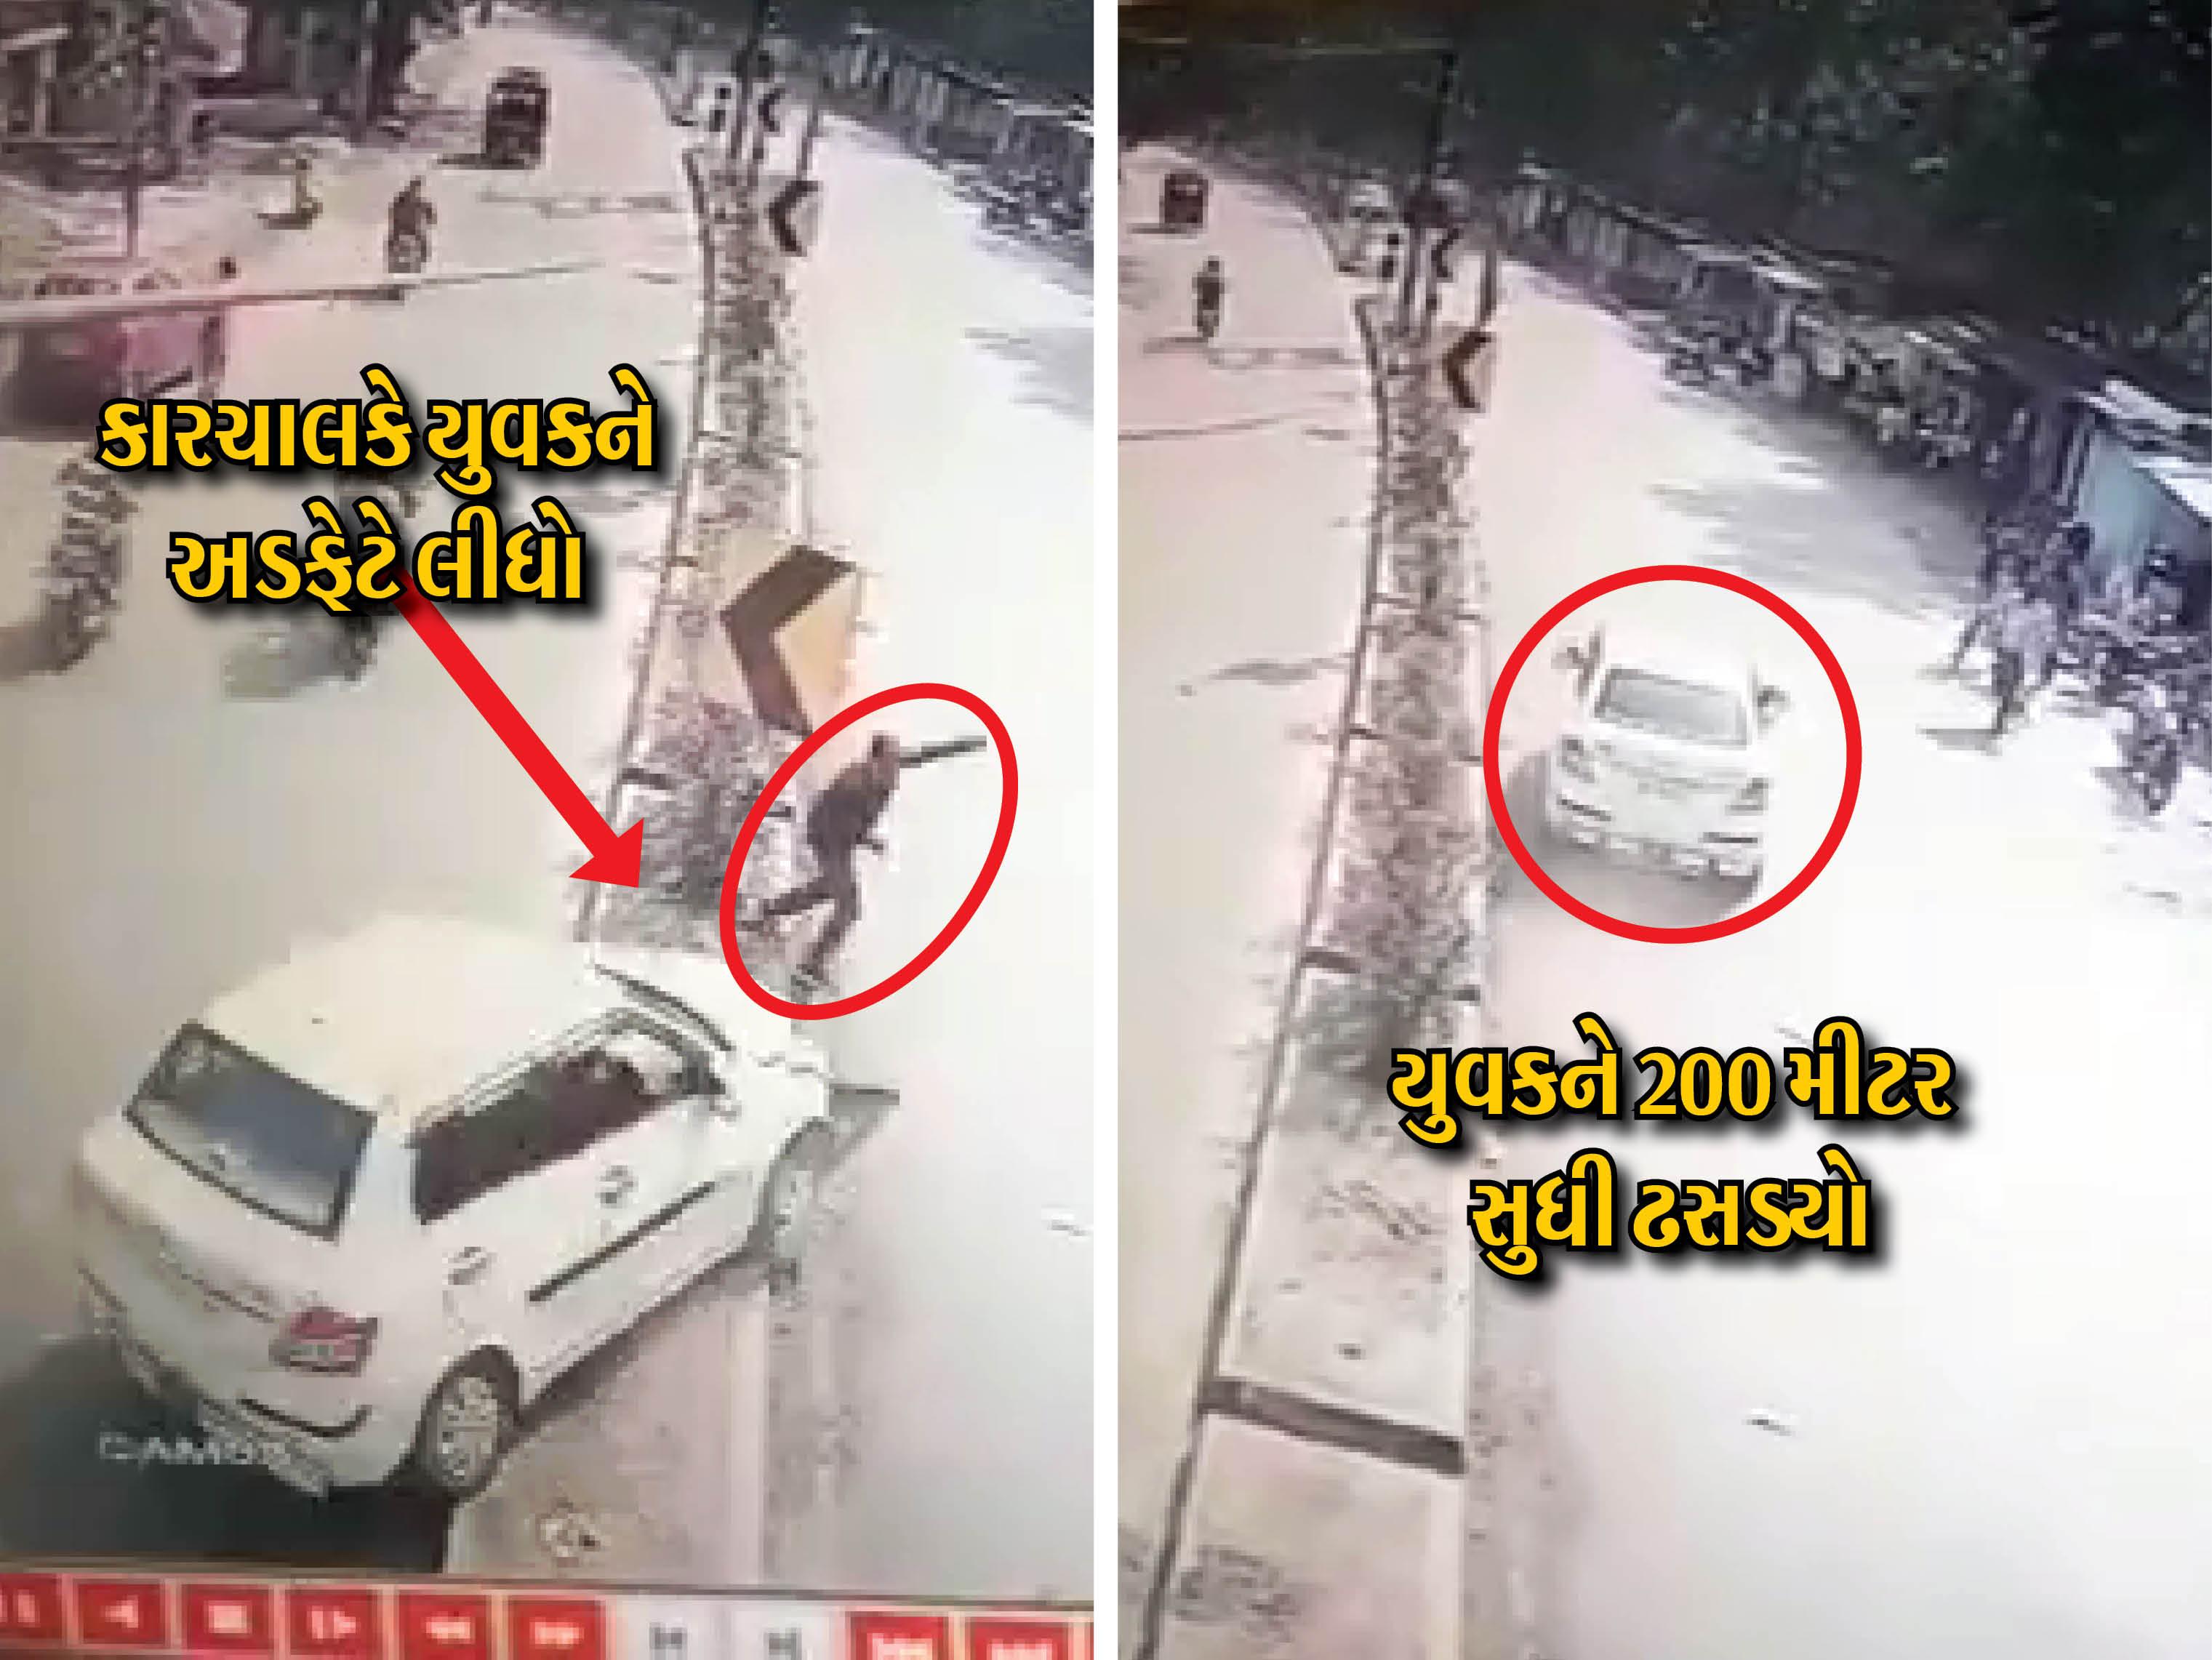 બેકાબૂ કારે ડિવાઇડર પર ઊભેલાં યુવકને ટક્કર મારી 200 મીટર સુધી ઢસડ્યો, અકસ્માત CCTV કૅમેરામાં કેદ|ઈન્ડિયા,National - Divya Bhaskar